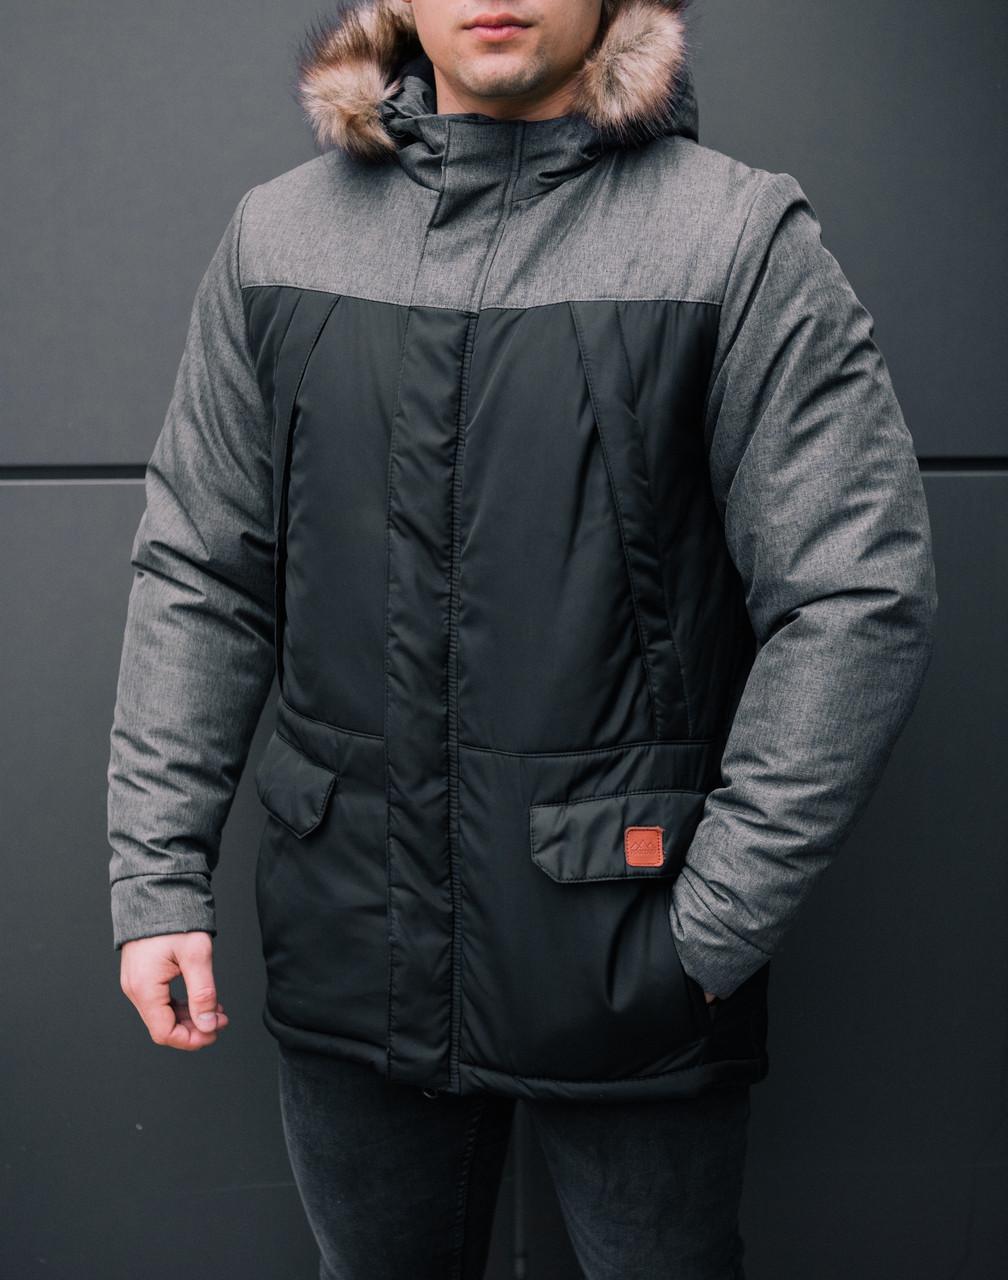 Куртка ALASKA зимняя мужская Pobedov (черная с вставкой антрацит)